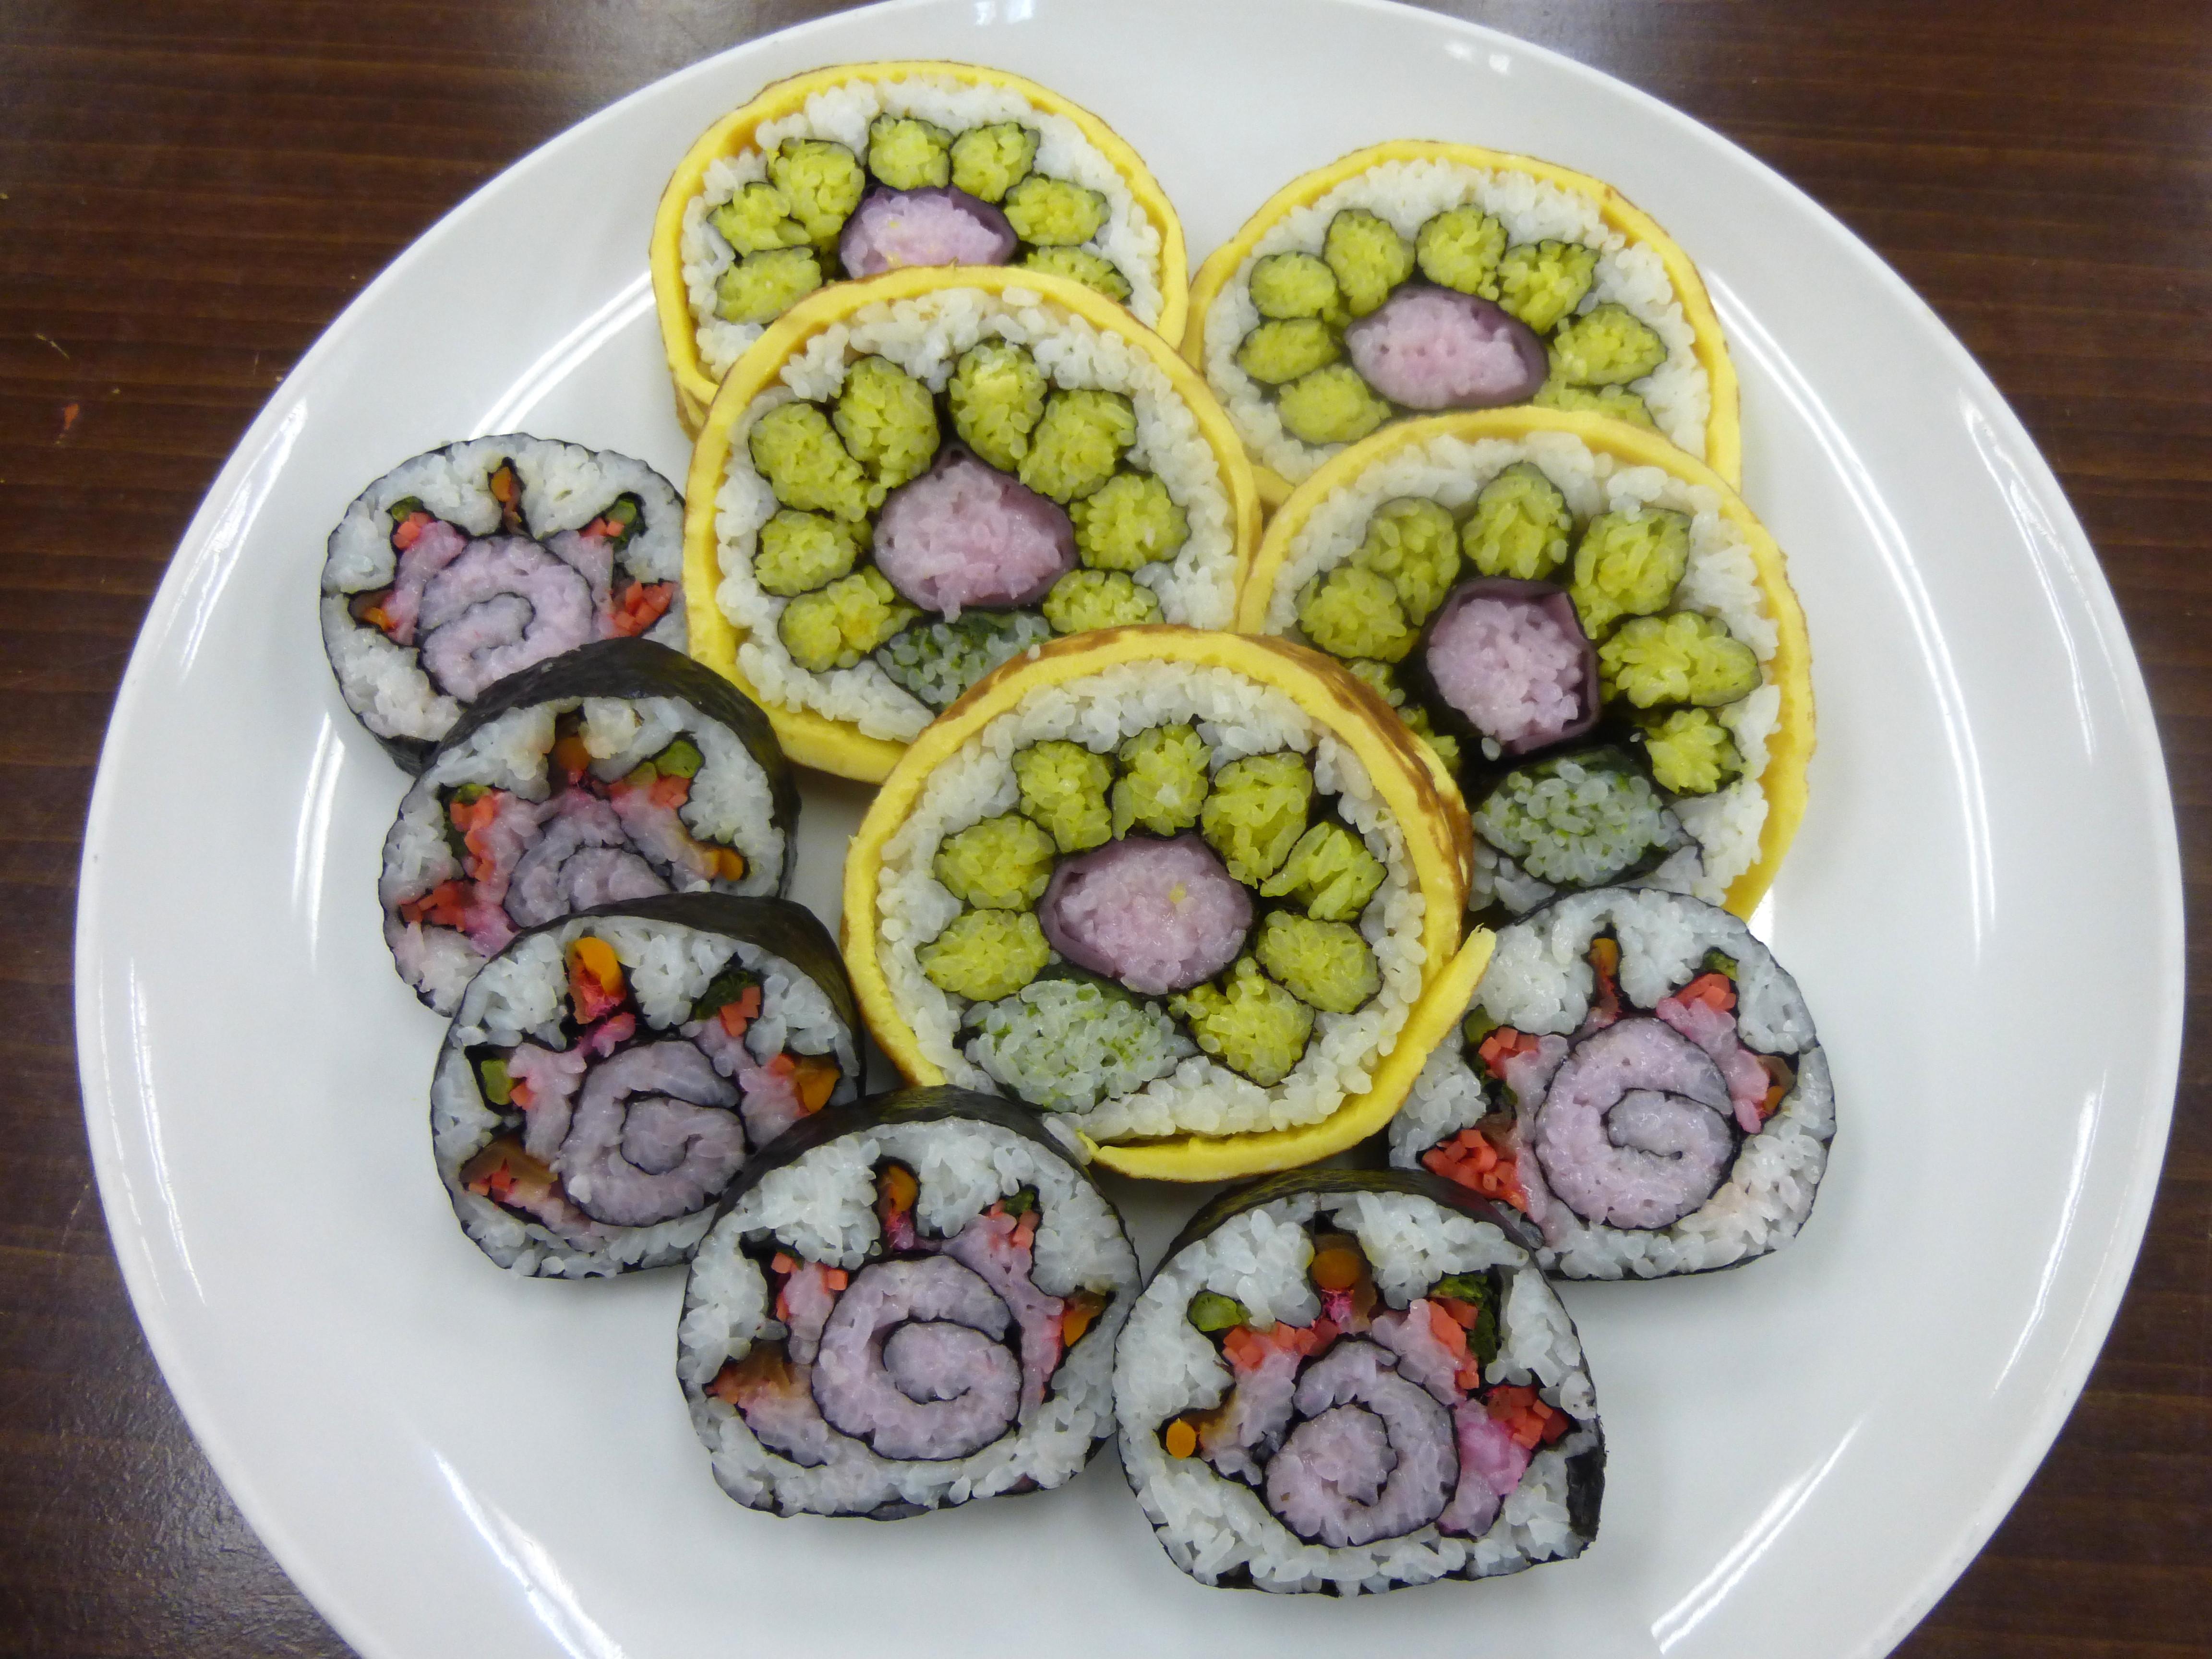 「いちはら食育の会」主催の「房総太巻き寿司の体験教室」が開かれ多くの方が参加されました。